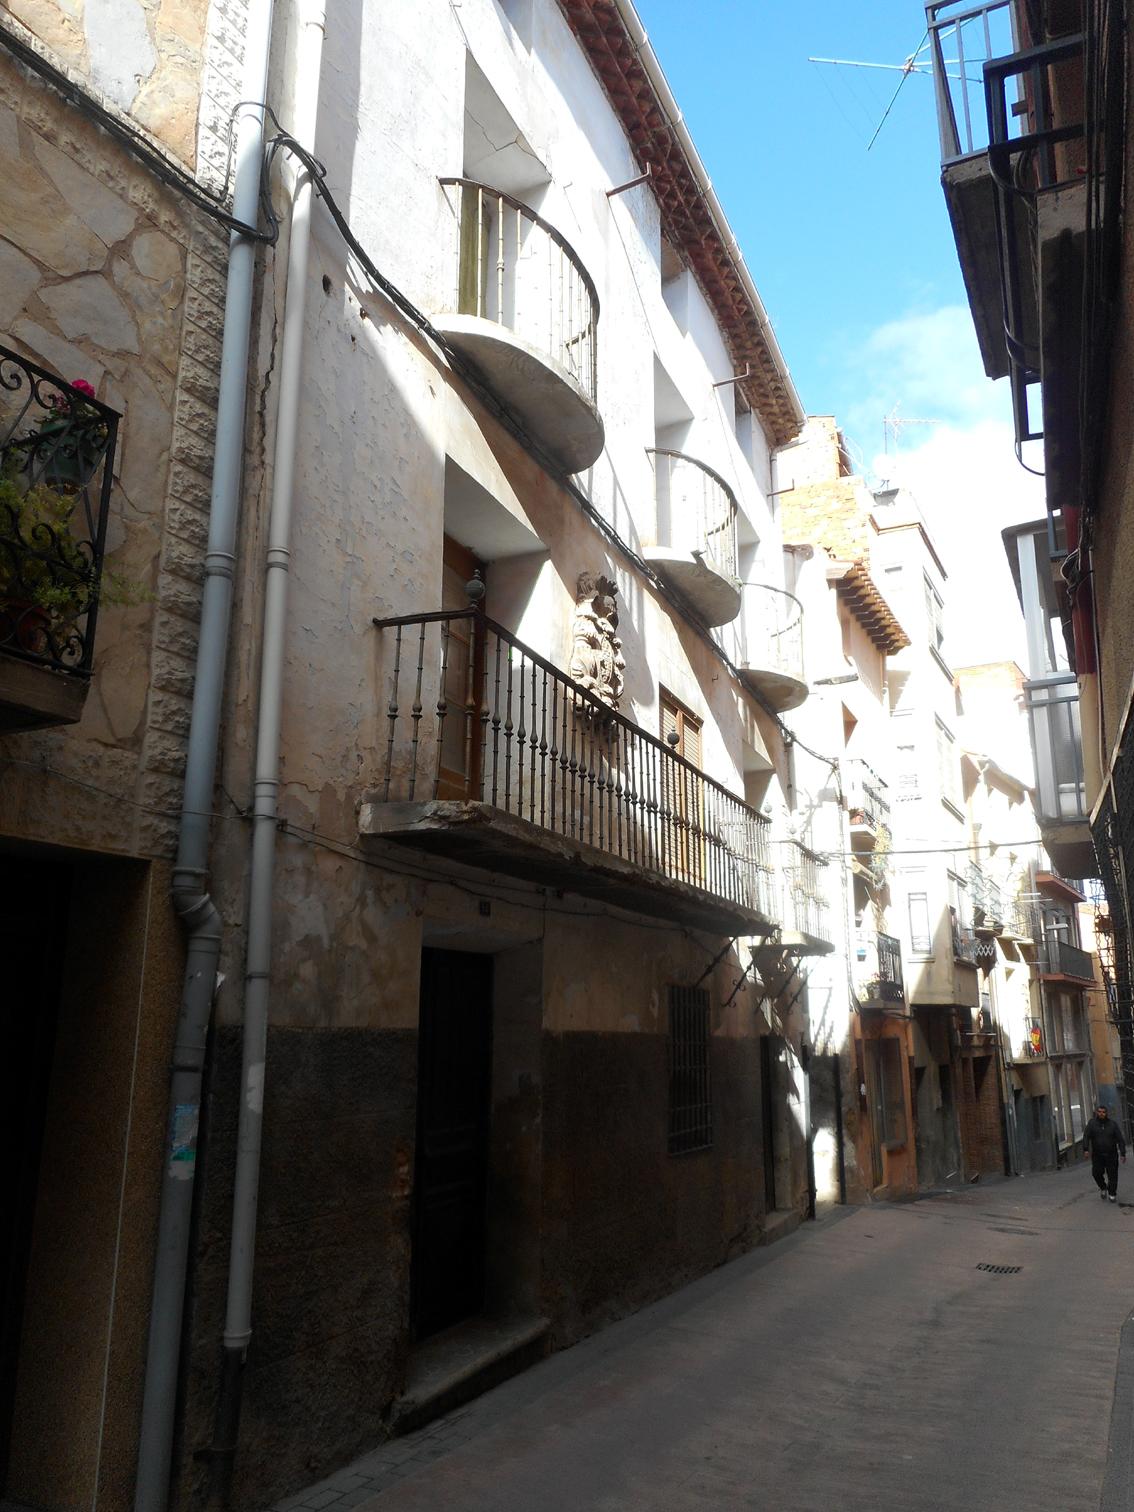 Casas solariegas en la rioja 534 autol iv calle conde for Hechuras de casas